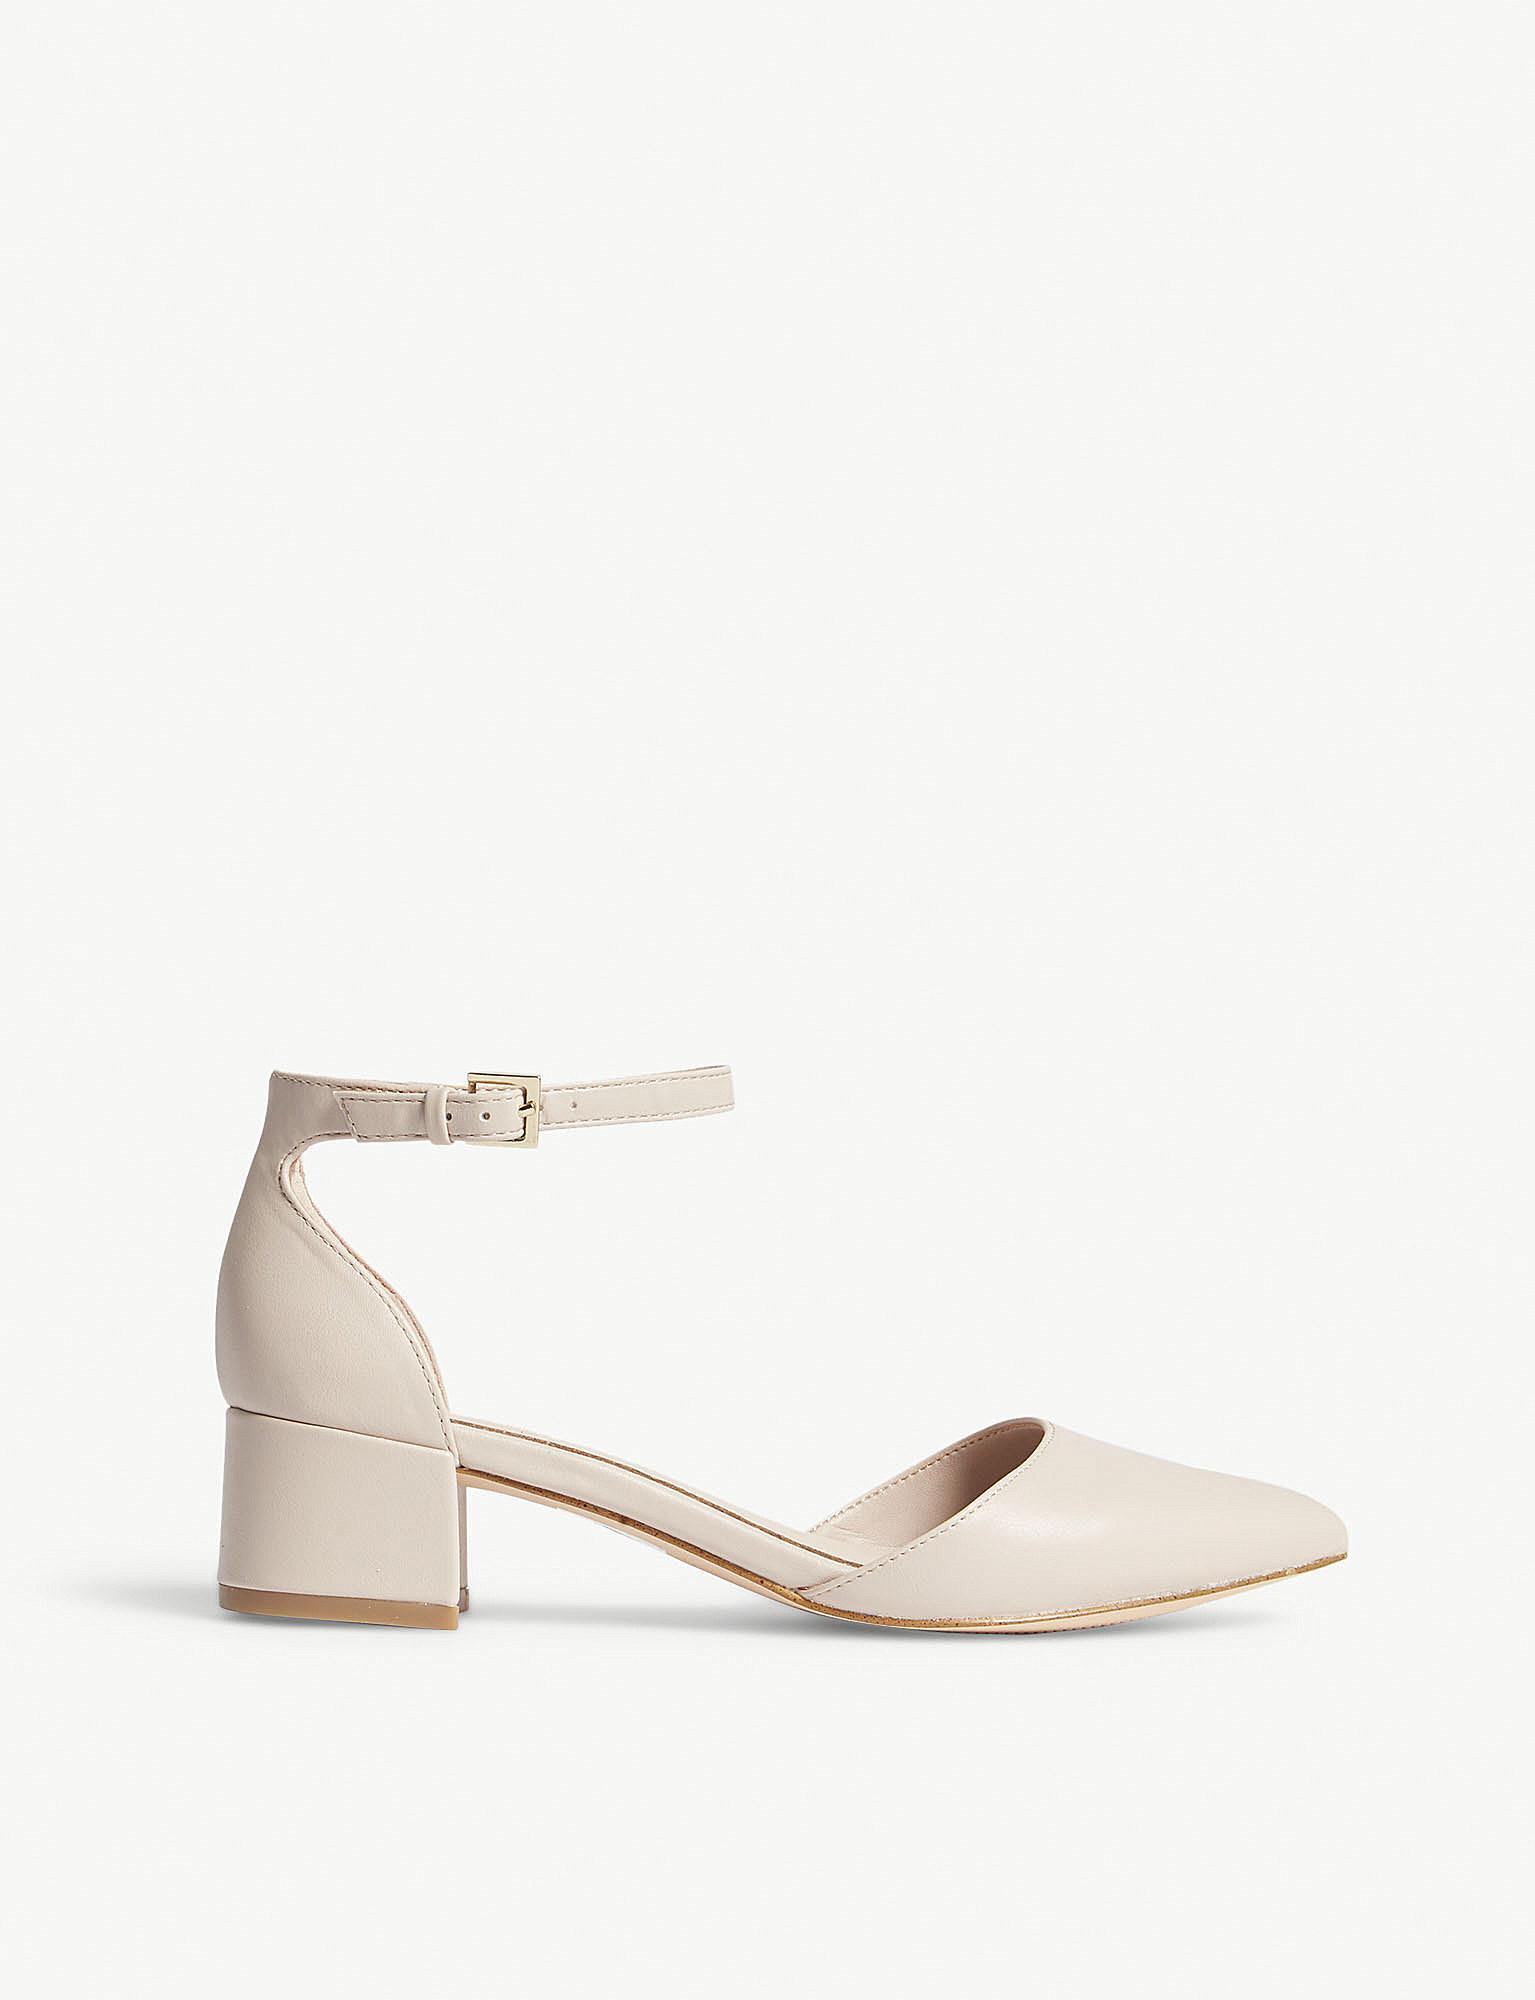 a37d36ad0730 ALDO. Women s Zulian Faux-leather Block Heels